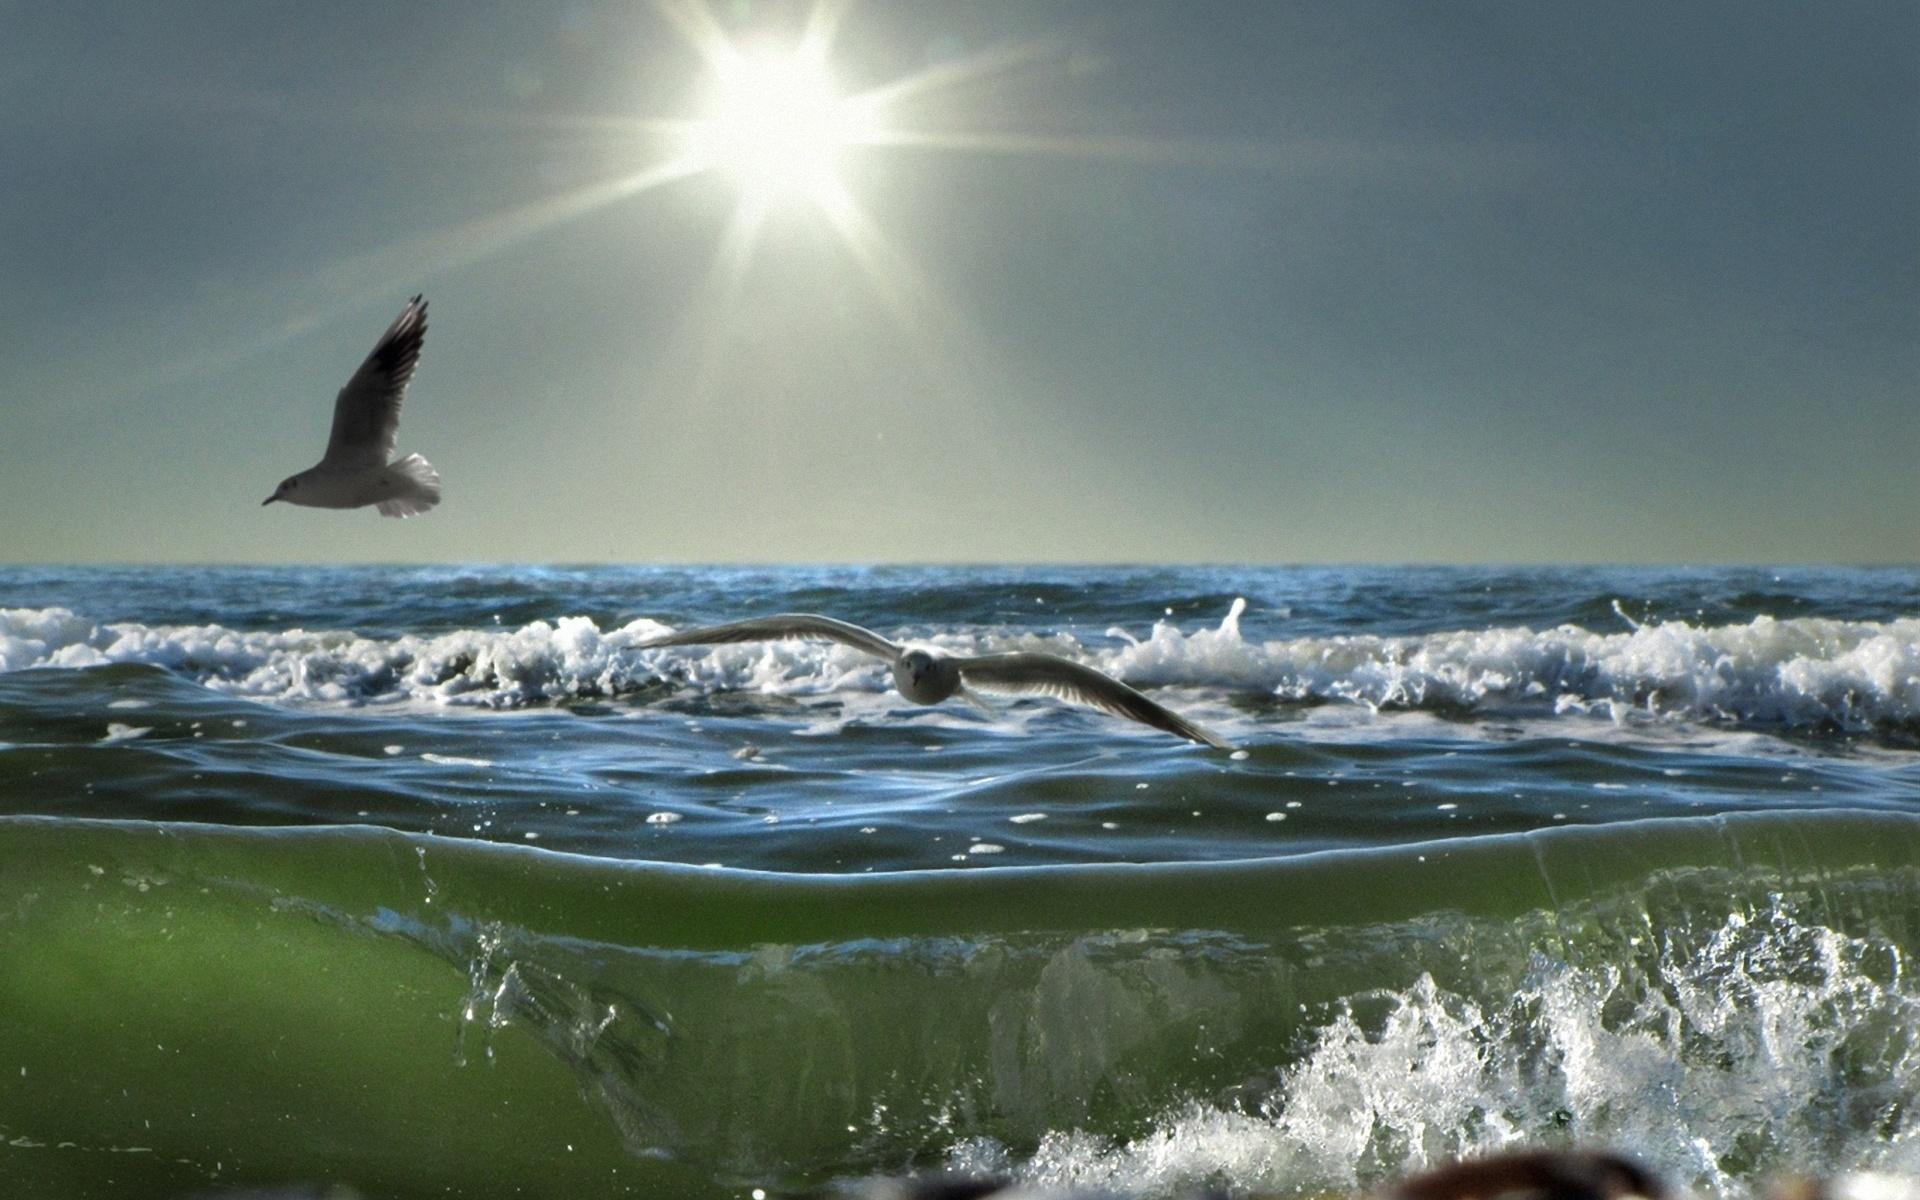 21610 скачать обои Животные, Пейзаж, Птицы, Море, Солнце, Чайки, Волны - заставки и картинки бесплатно